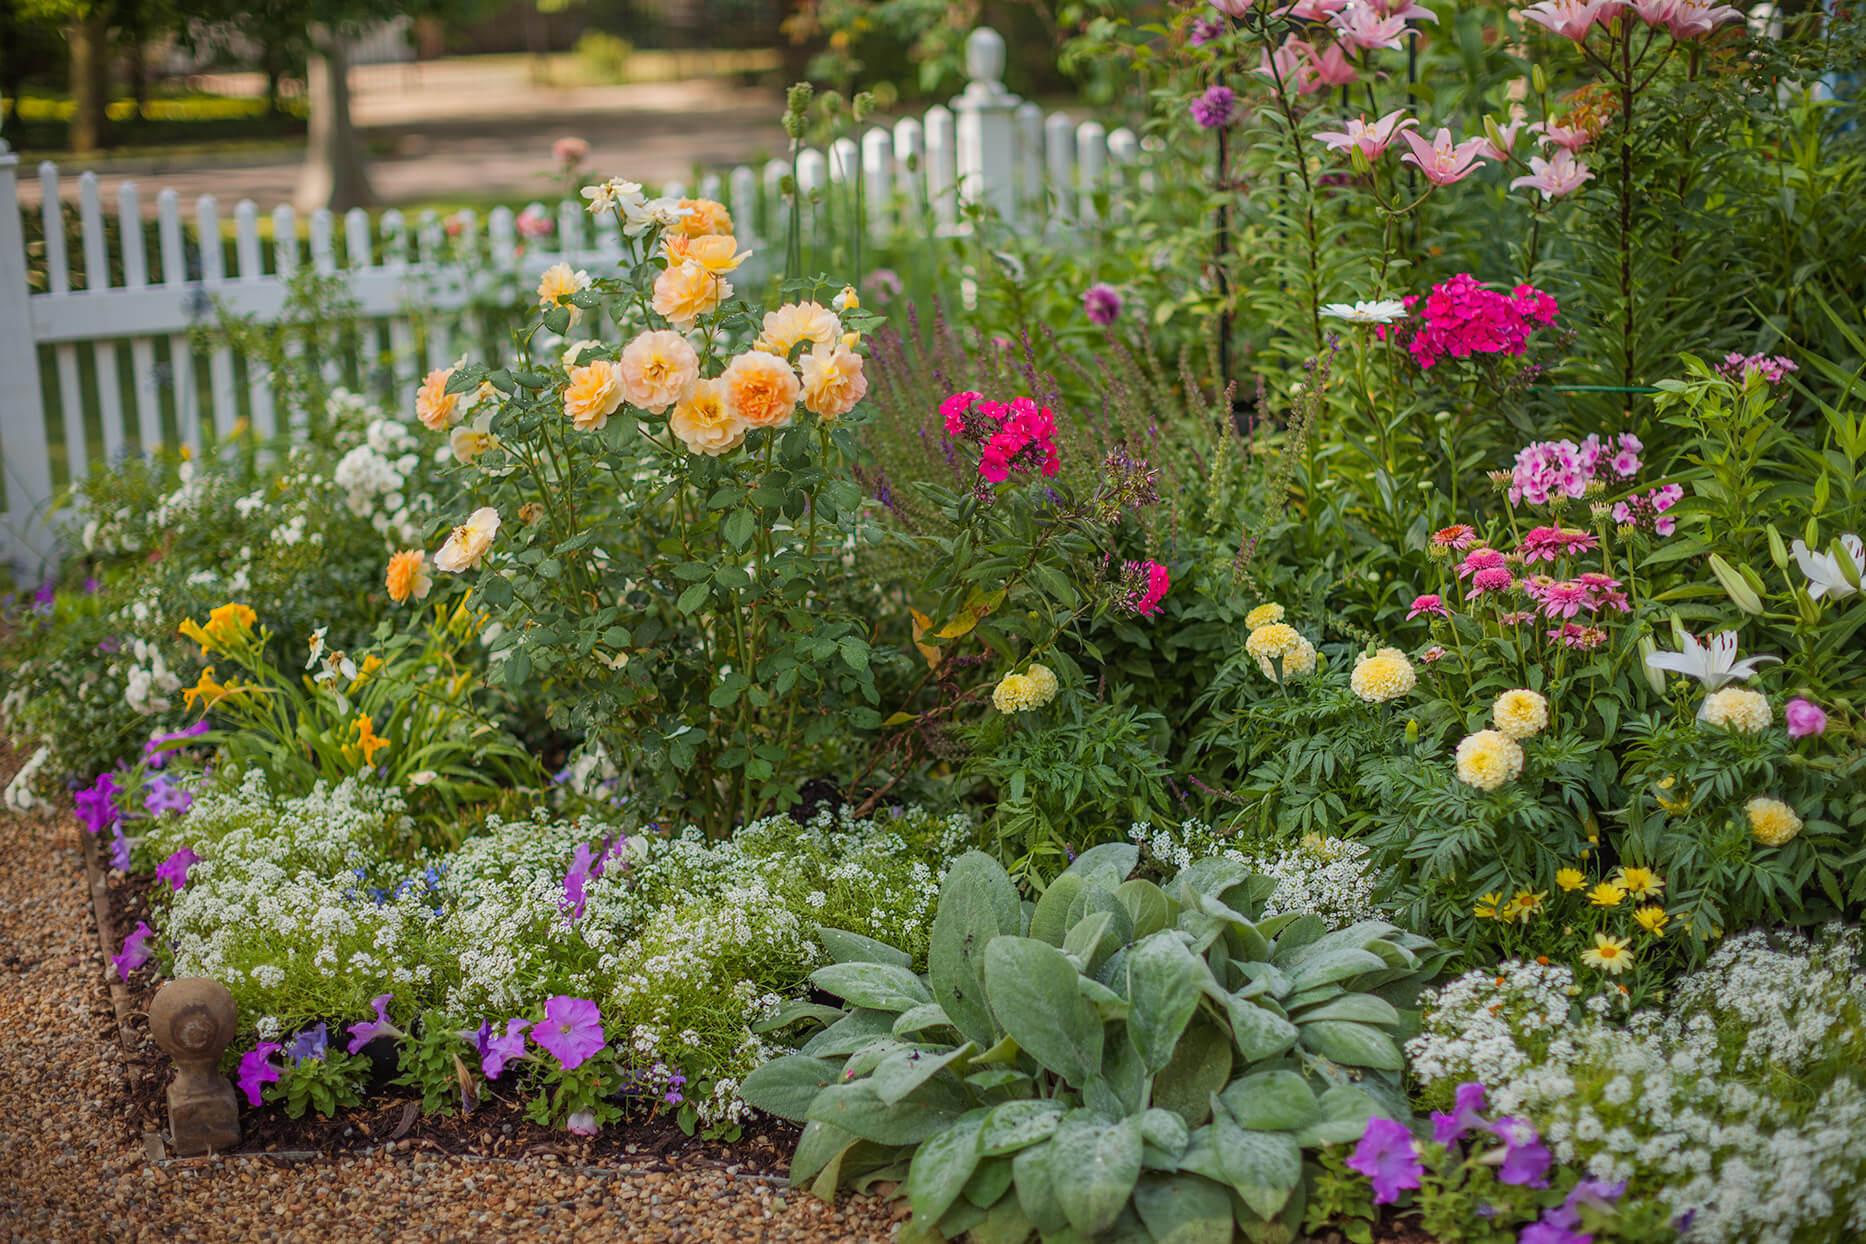 7 Cara Merawat Bunga Di Halaman Rumah Yang Baik Dan Benar